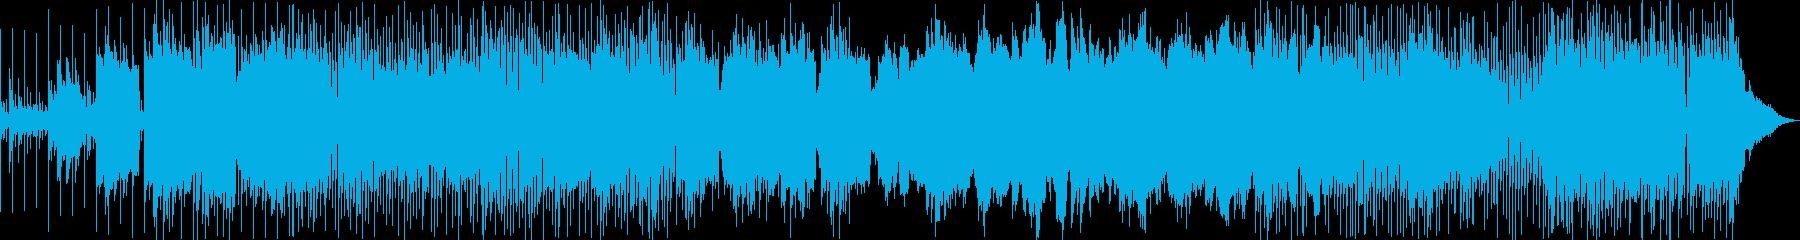 動画 サスペンス 技術的な 繰り返...の再生済みの波形